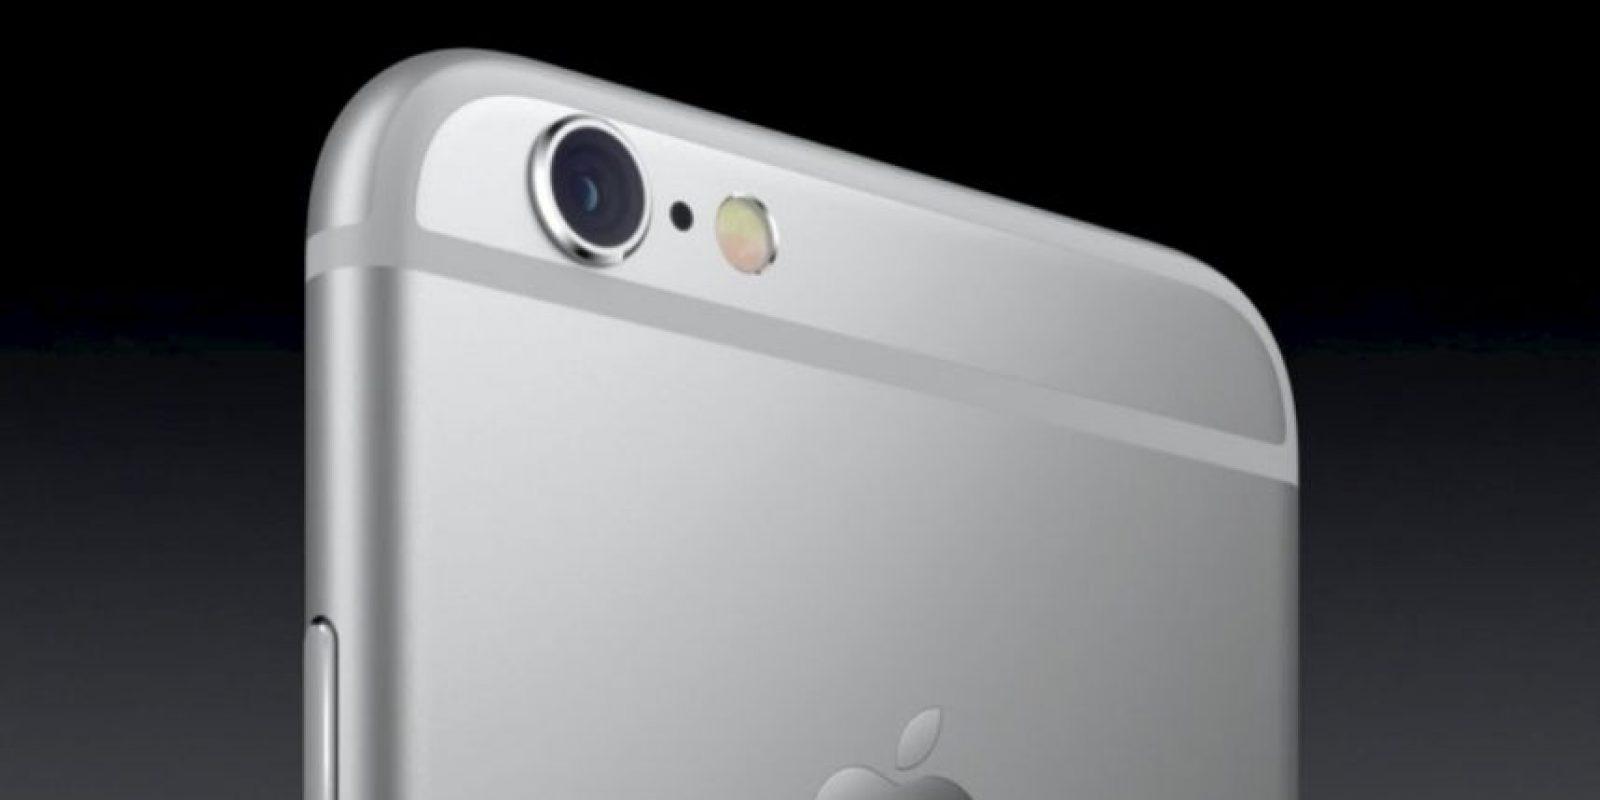 La cámara posterior es de 12 megapíxeles, mientras que la frontal es de 5 megapíxeles. Foto:Apple